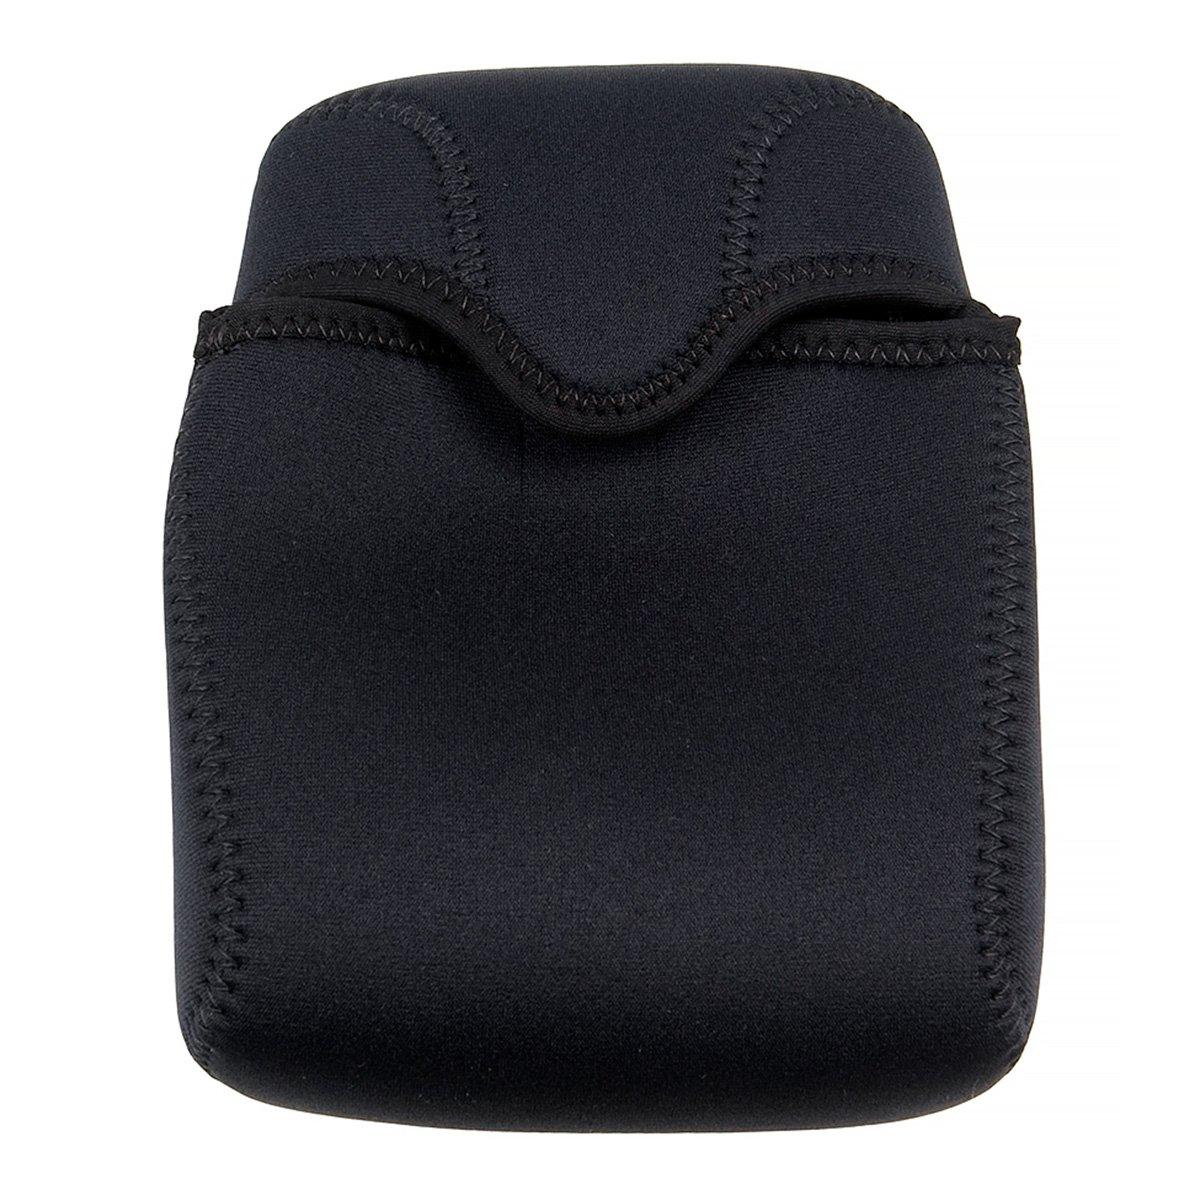 OP/TECH USA Soft Pouch Bino - Roof Medium (Black)